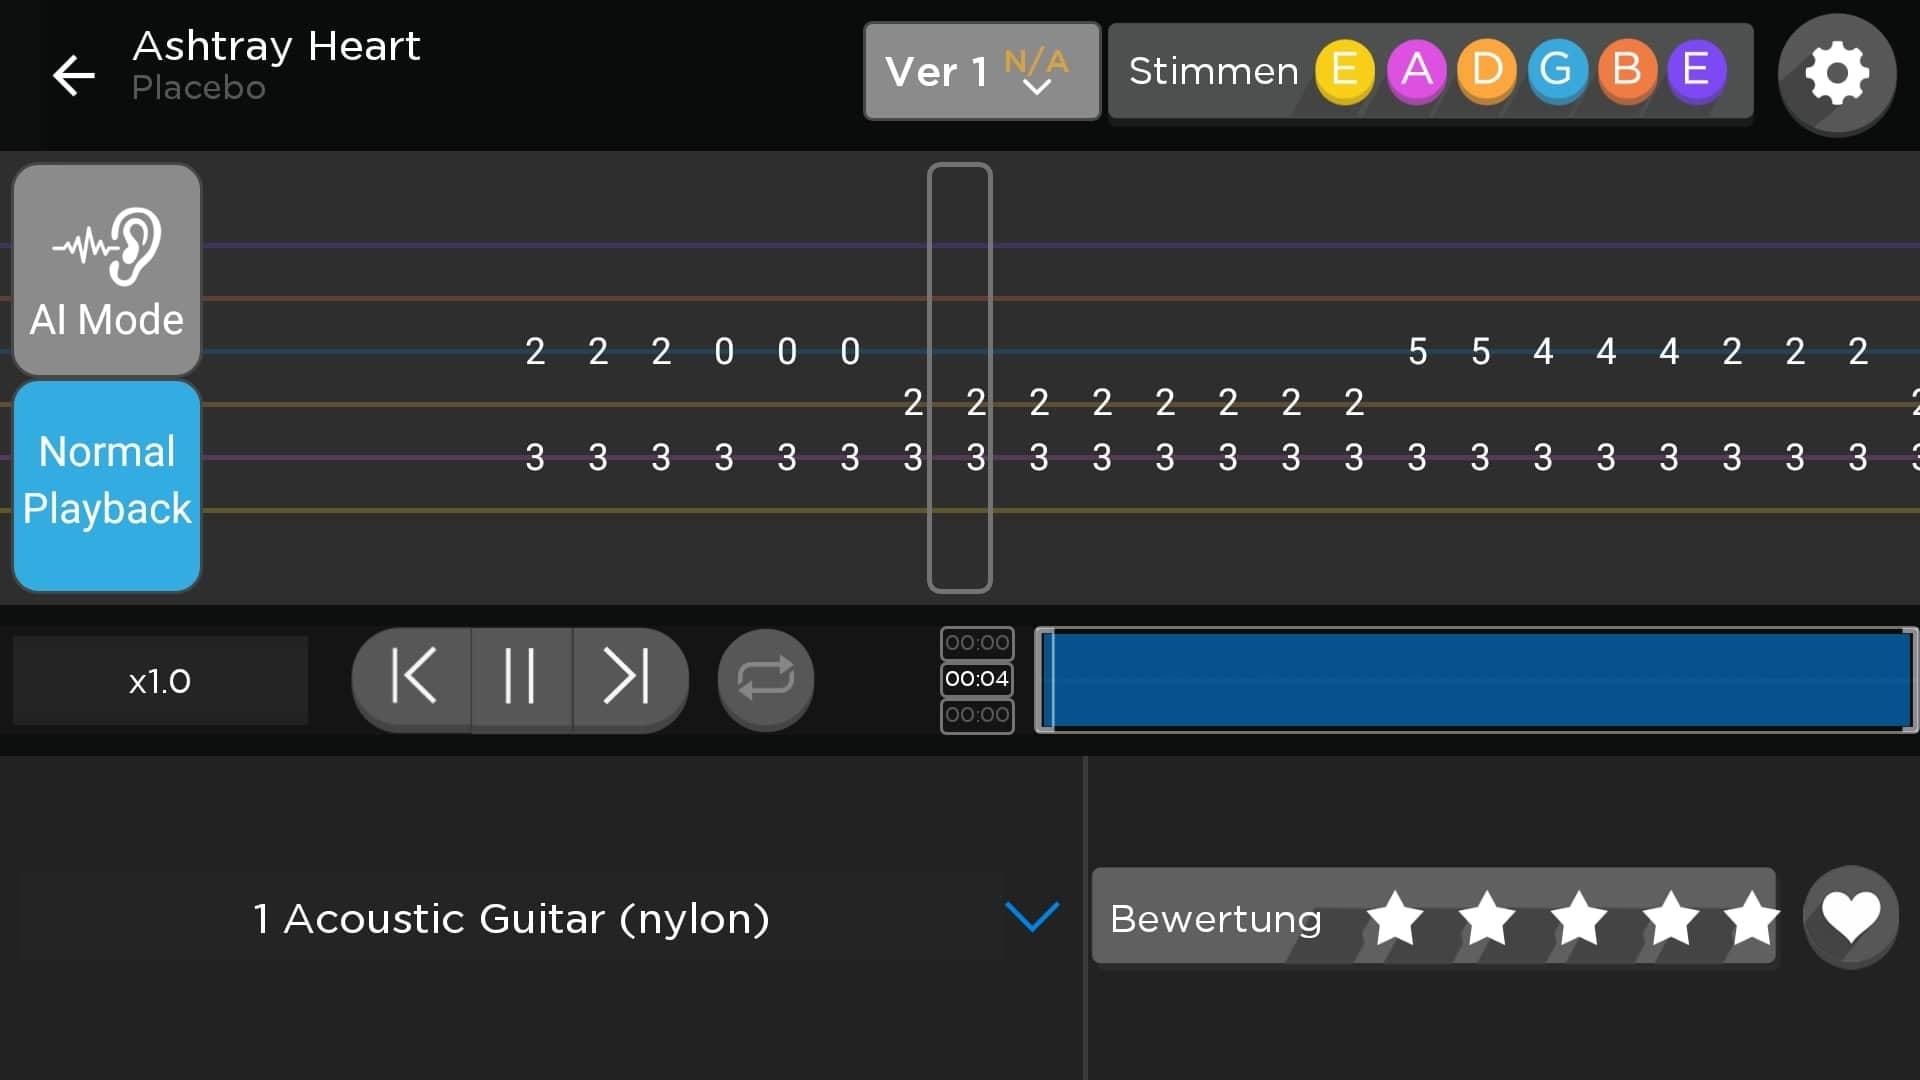 Fret Zealot im Test: Lernen mit Lichteffekten - Parallel zur Darstellung in der App sehen wir auch die entsprechenden LEDs aufleuchten. (Bild: Alexander Merz/Golem.de)